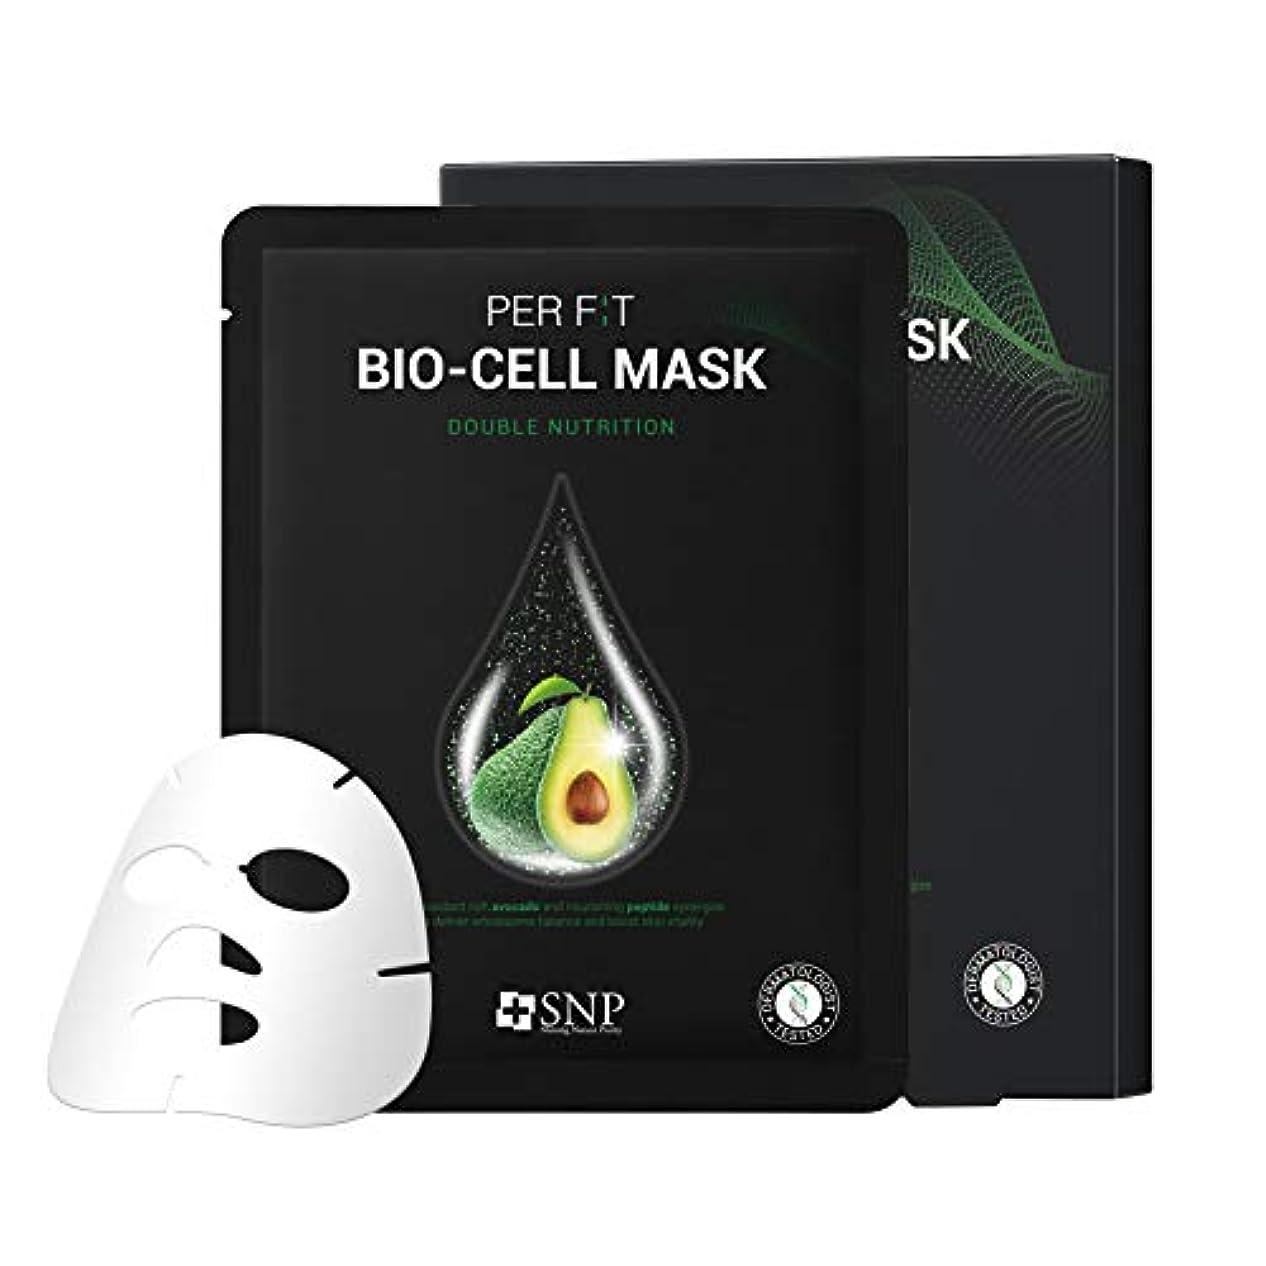 憧れ組み合わせ許可する【SNP公式】 パーフィット バイオセルマスク ダブルニュートリション 5枚セット / PER F:T BIO-CELL MASK DOUBLE NUTRITION 韓国パック 韓国コスメ パック マスクパック シートマスク